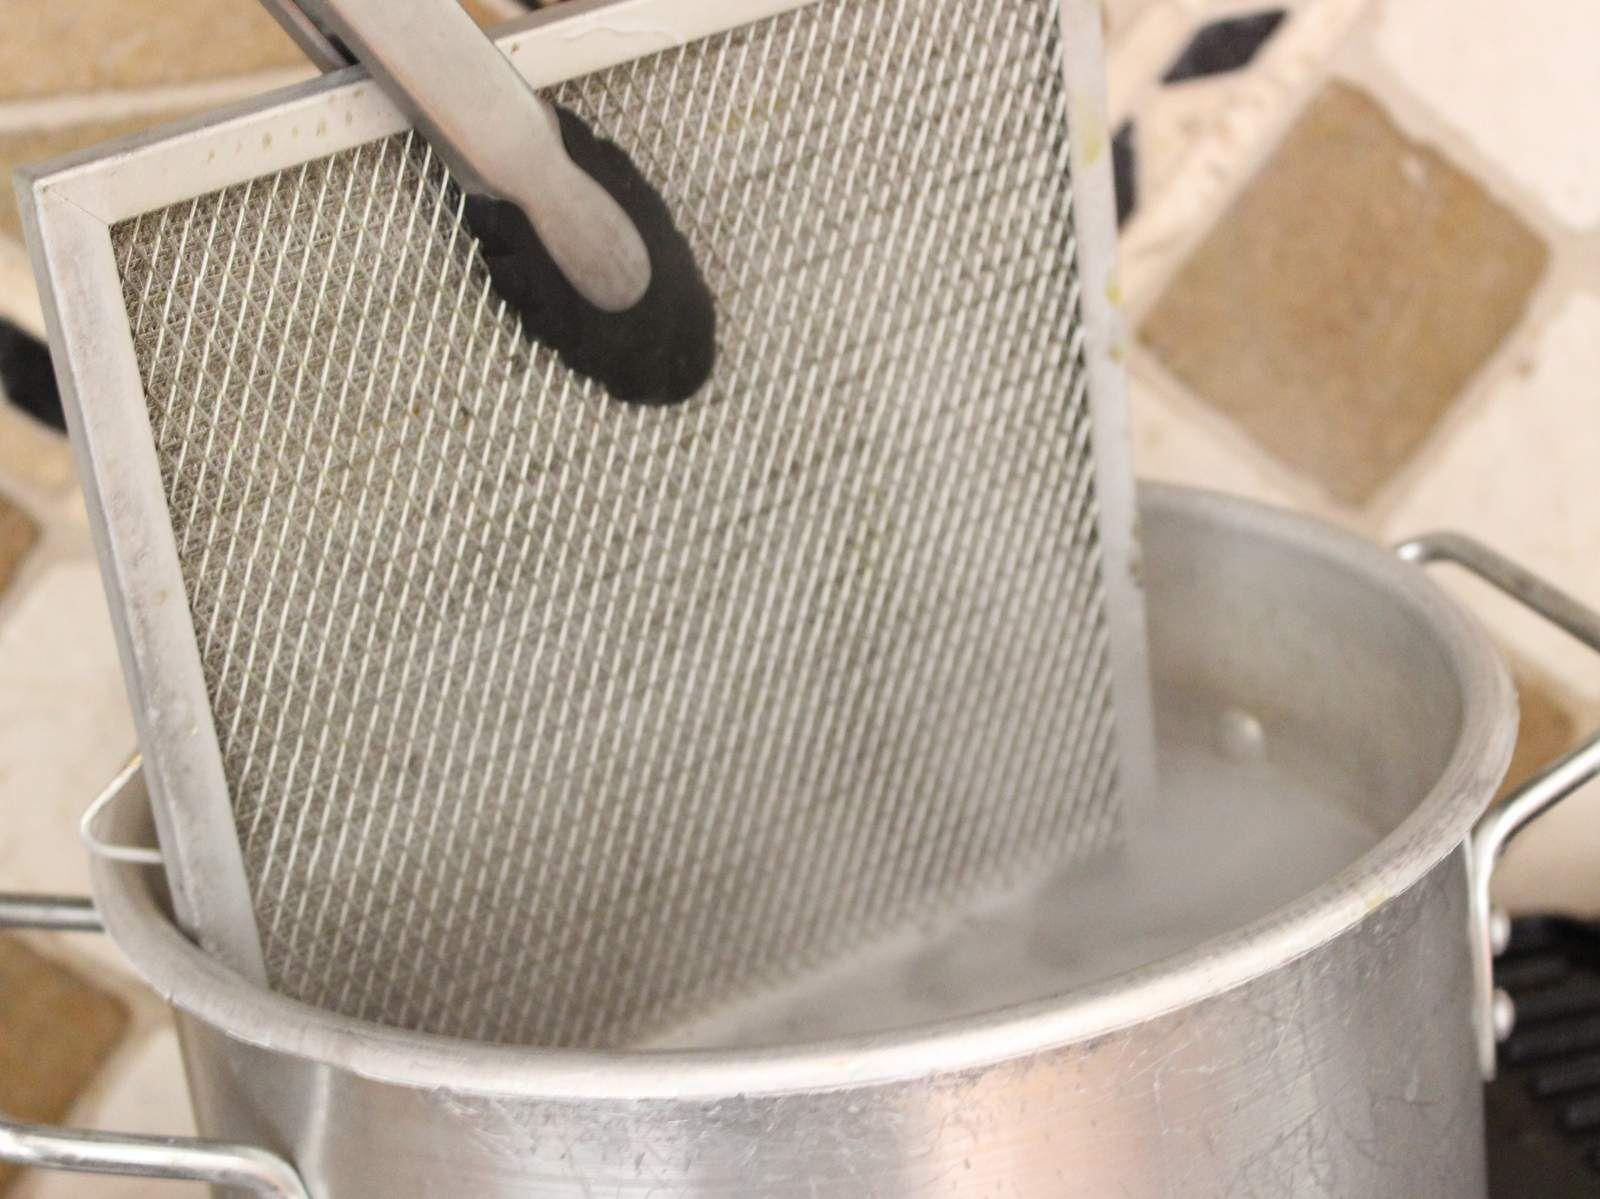 Vraag en antwoord: hoe krijg je het rooster van je dampkap schoon ...